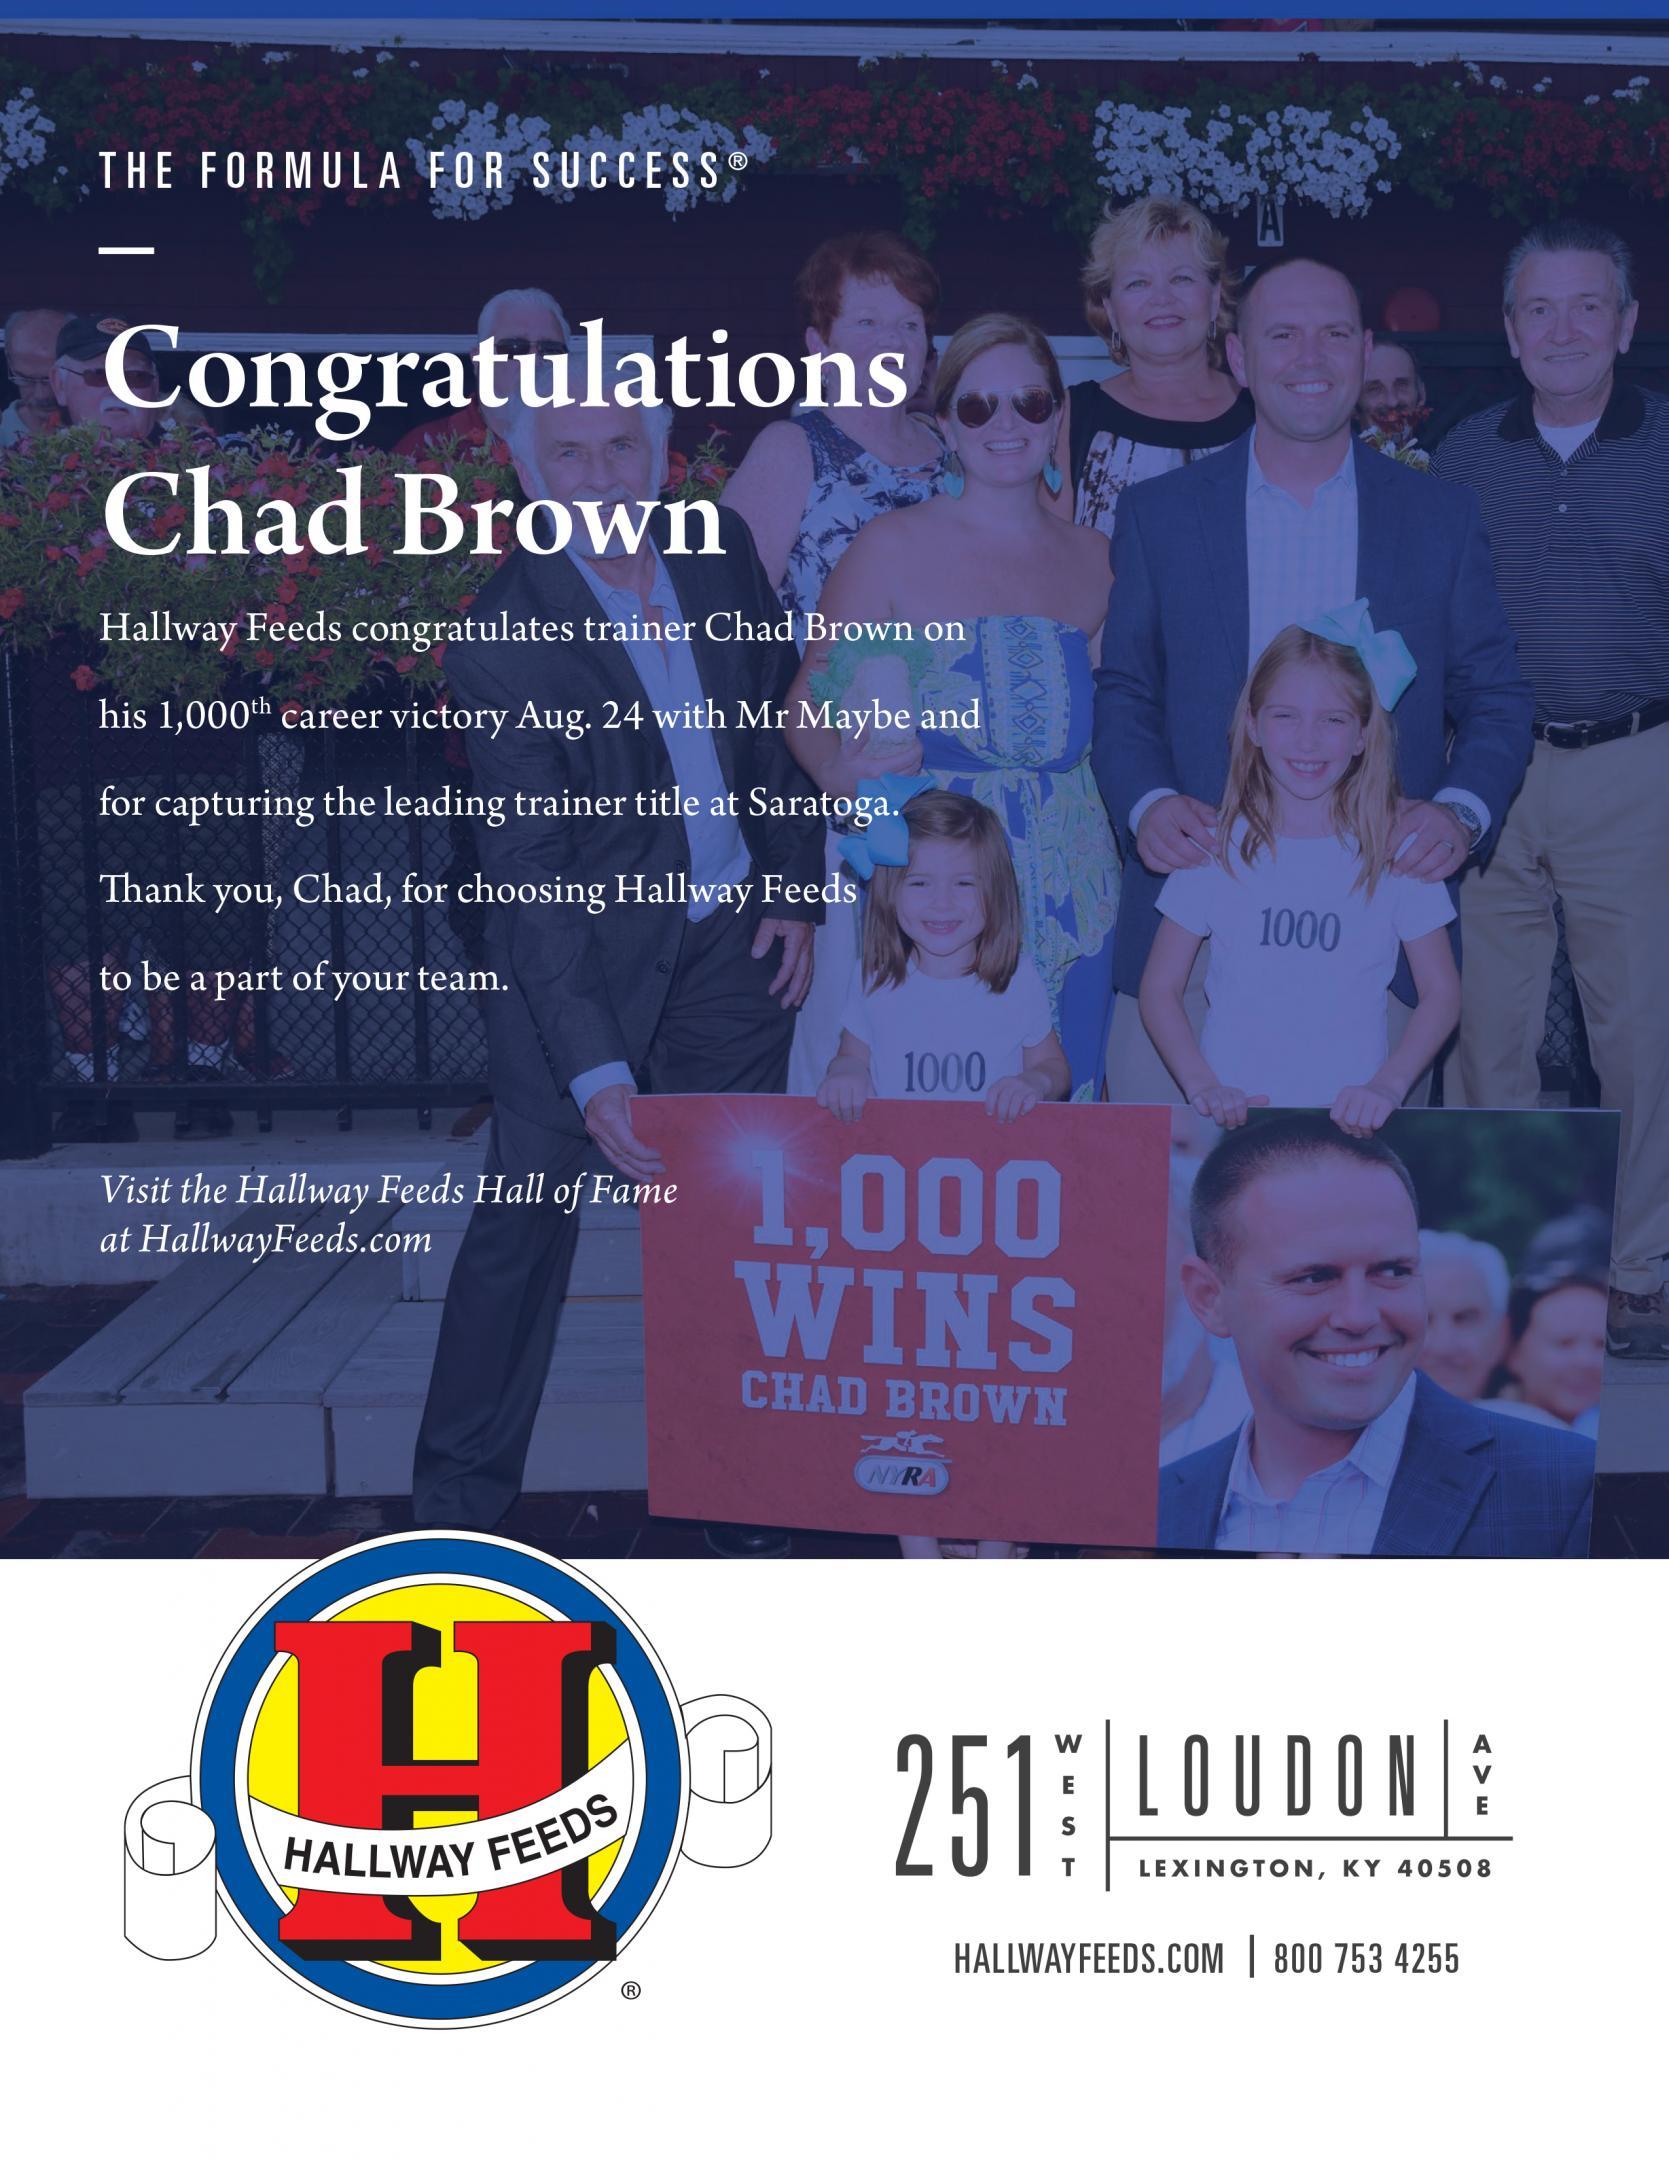 ChadBrown-TDN.jpg